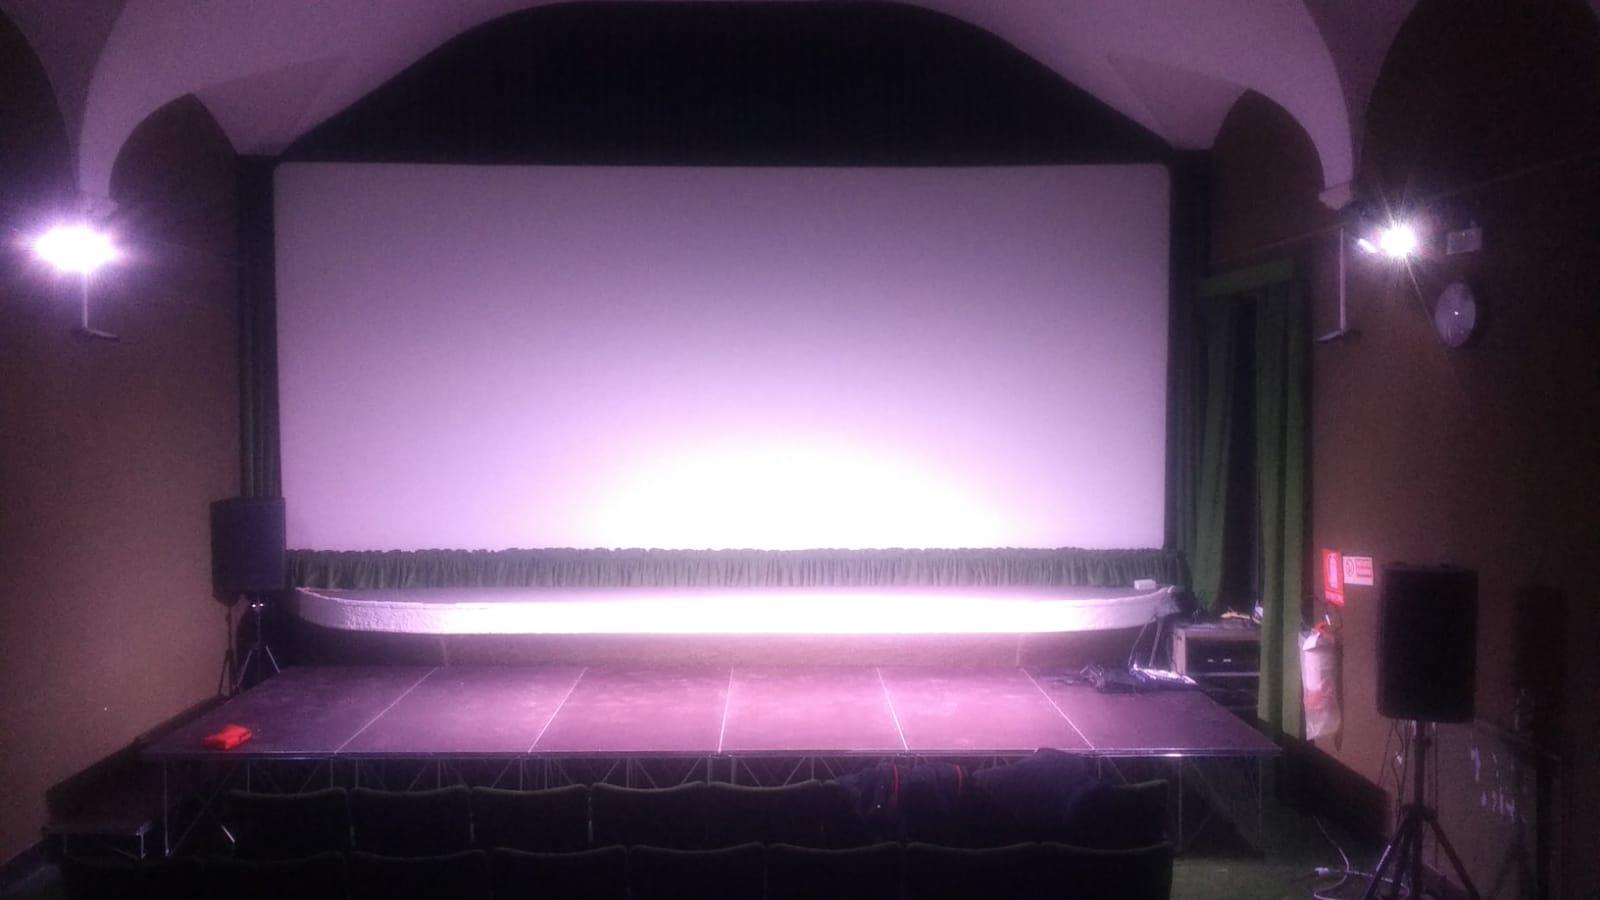 Il cinema è dotato di palco, luci e audio